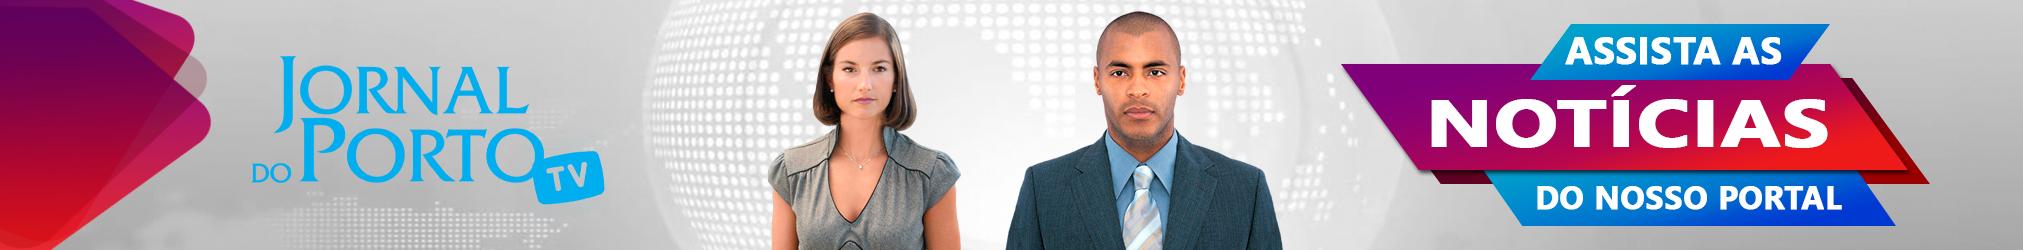 TV News - 2